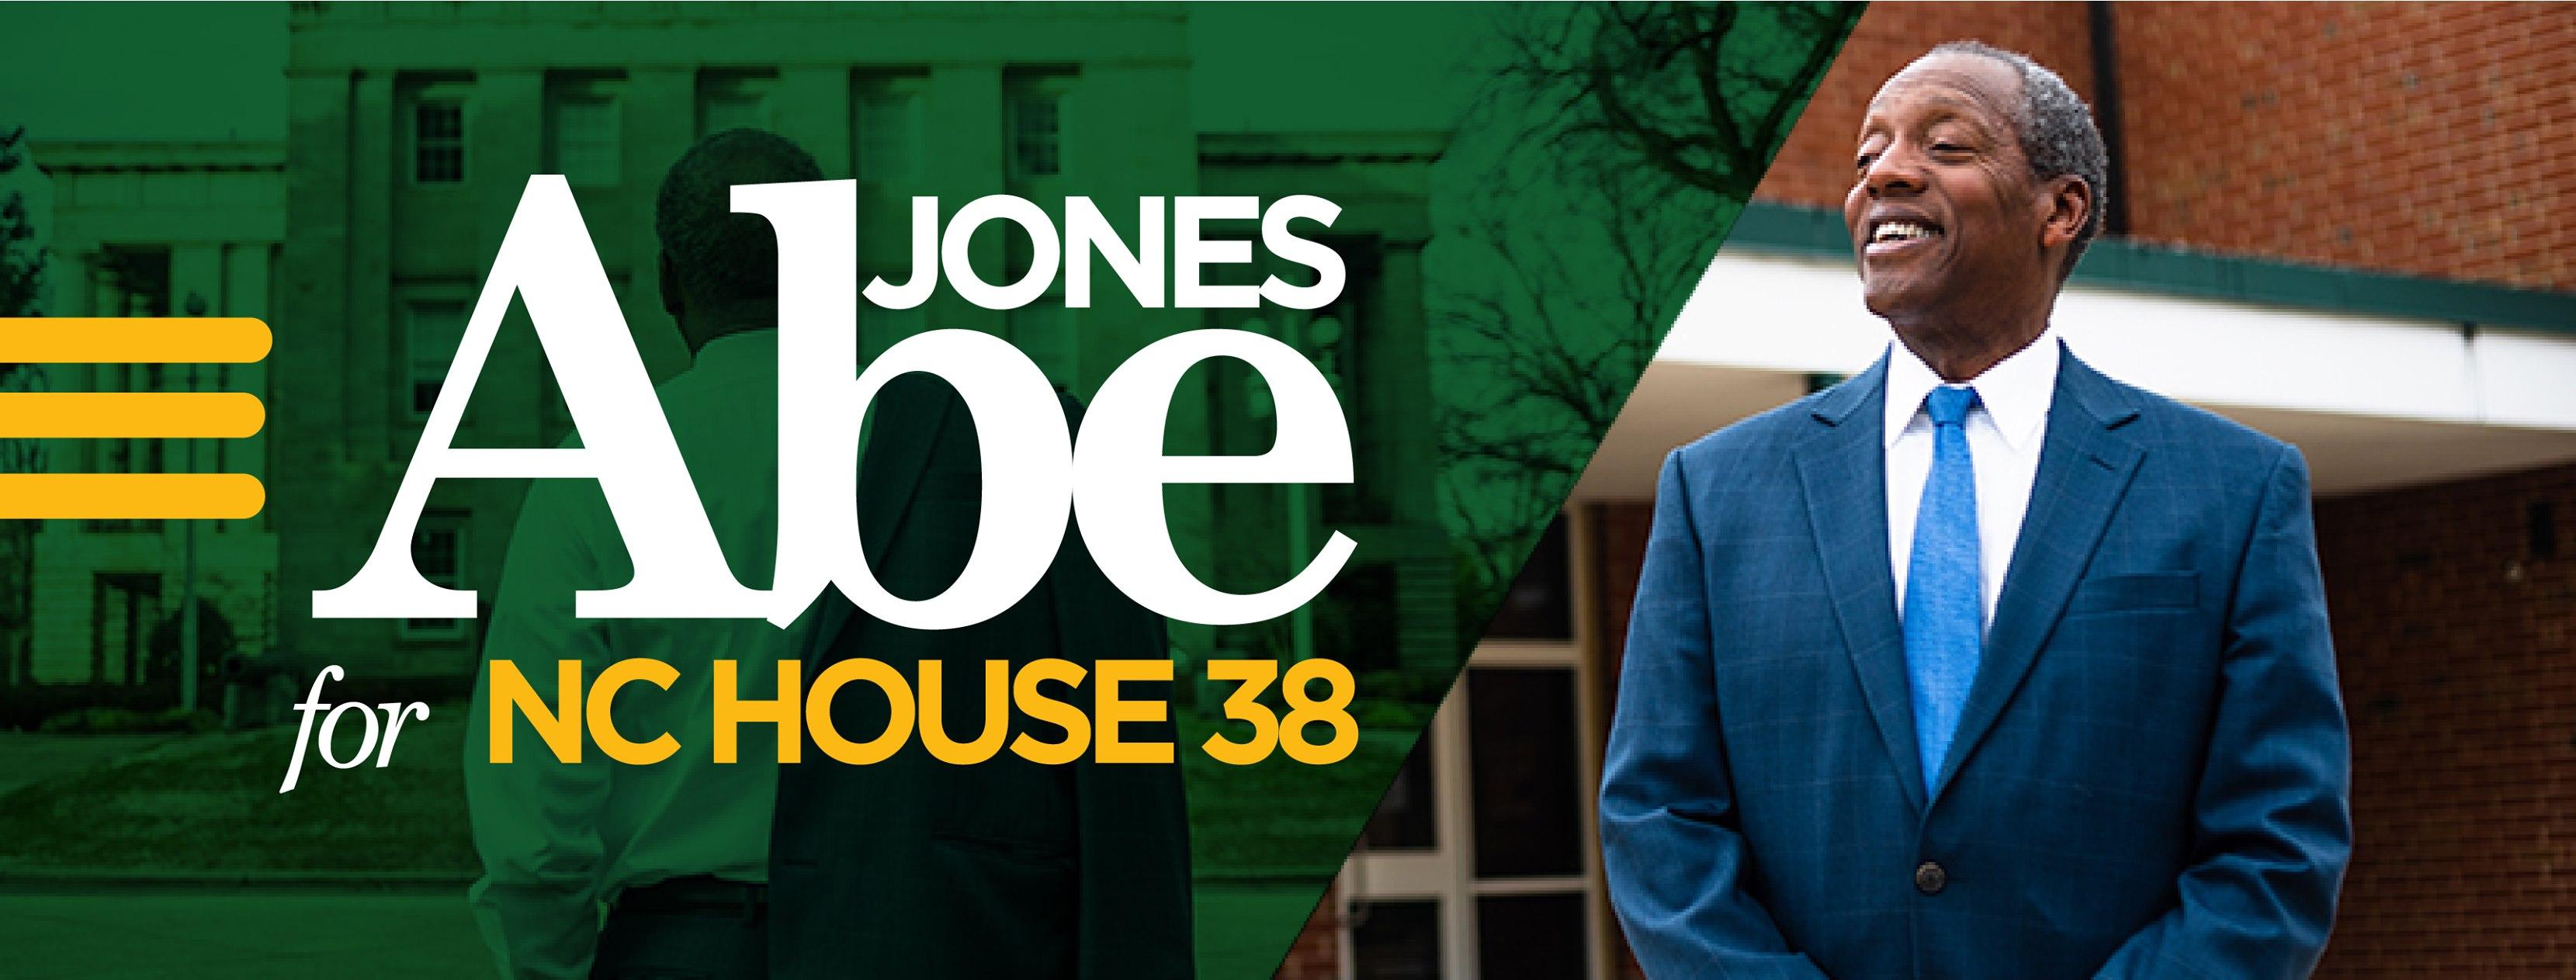 Abe Jones